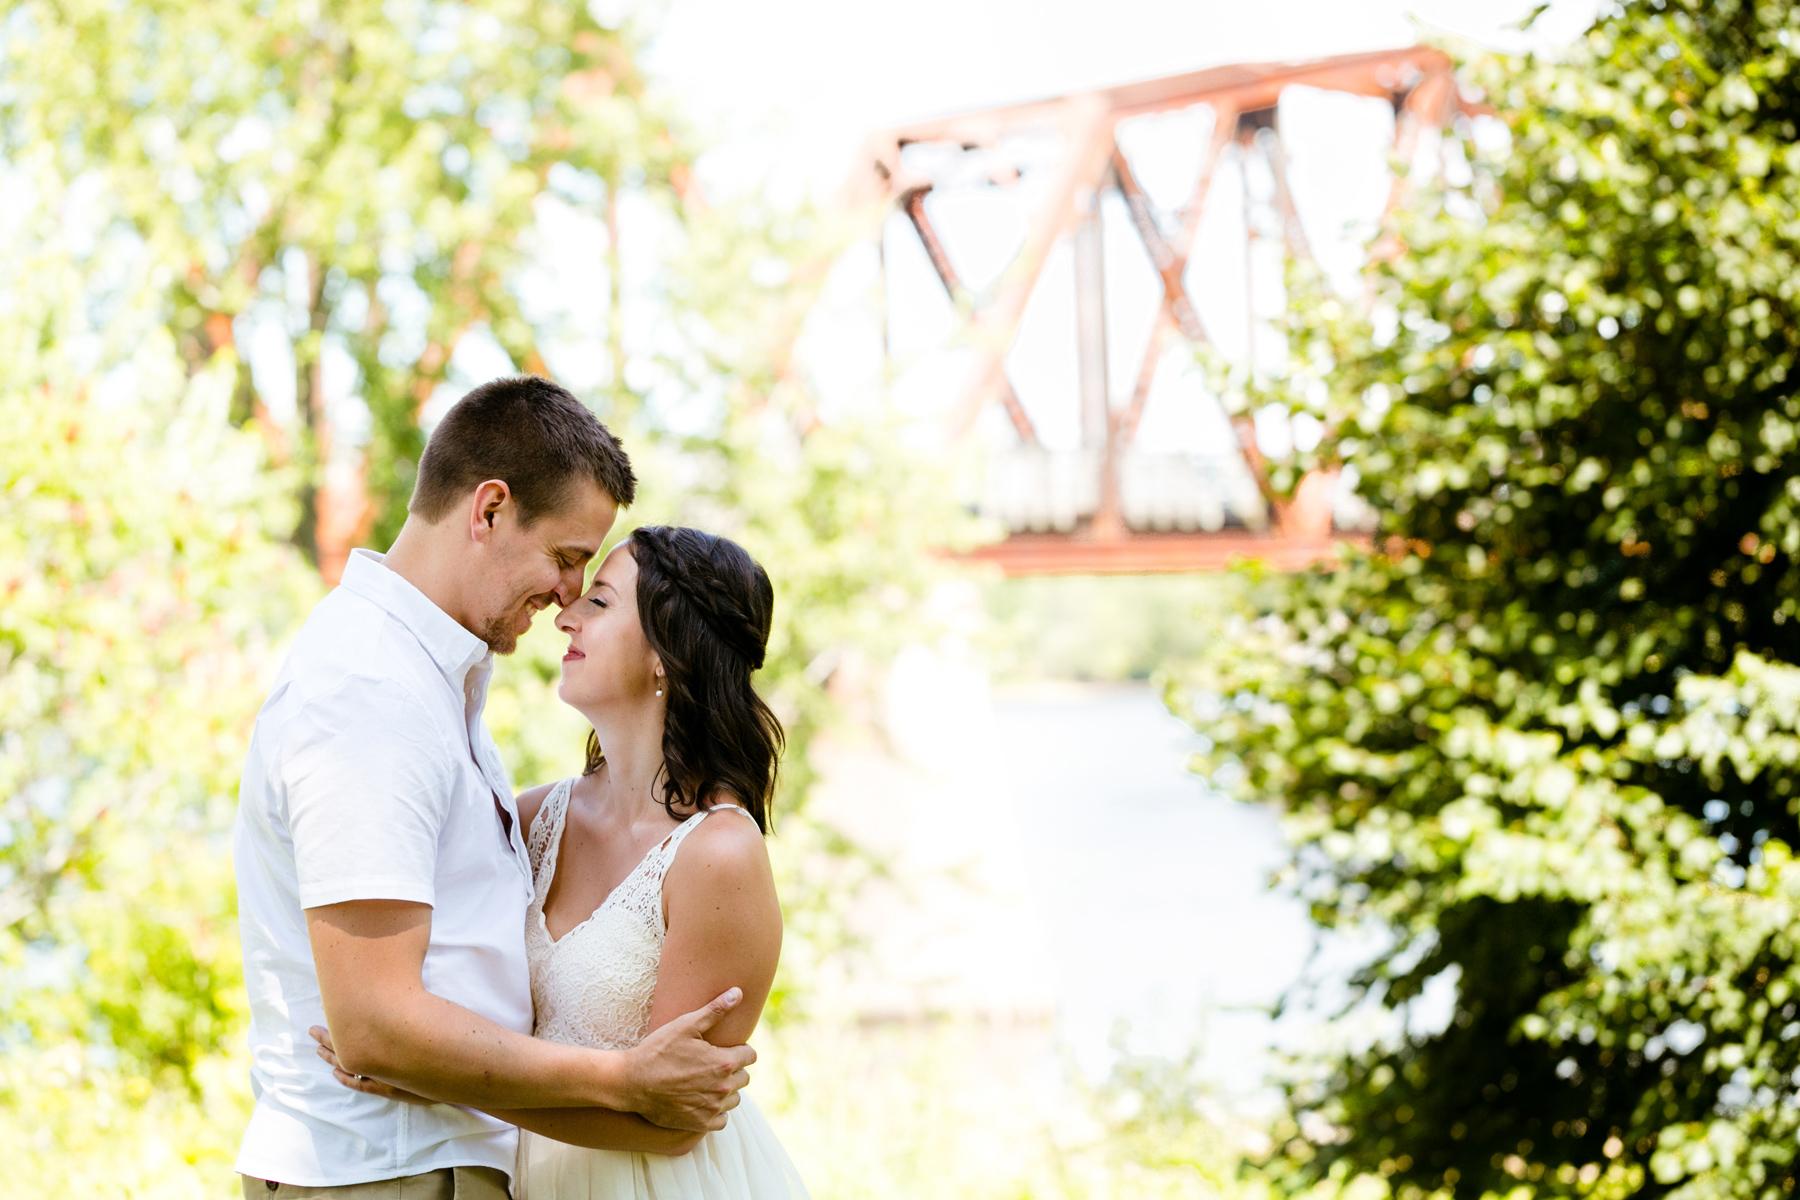 011-downtown-fredericton-wedding-photos-kandisebrown-se2017